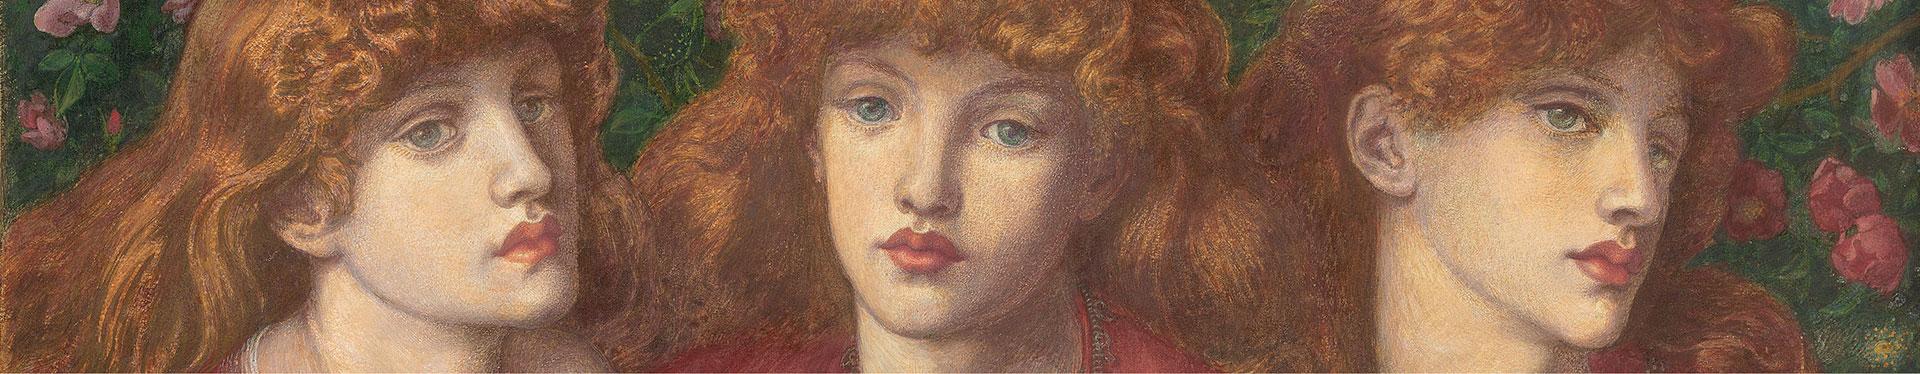 Victorian-Pre-raphaelite-British-Impressionist-Art-banner-FINAL_100_1_20170117113717.jpg